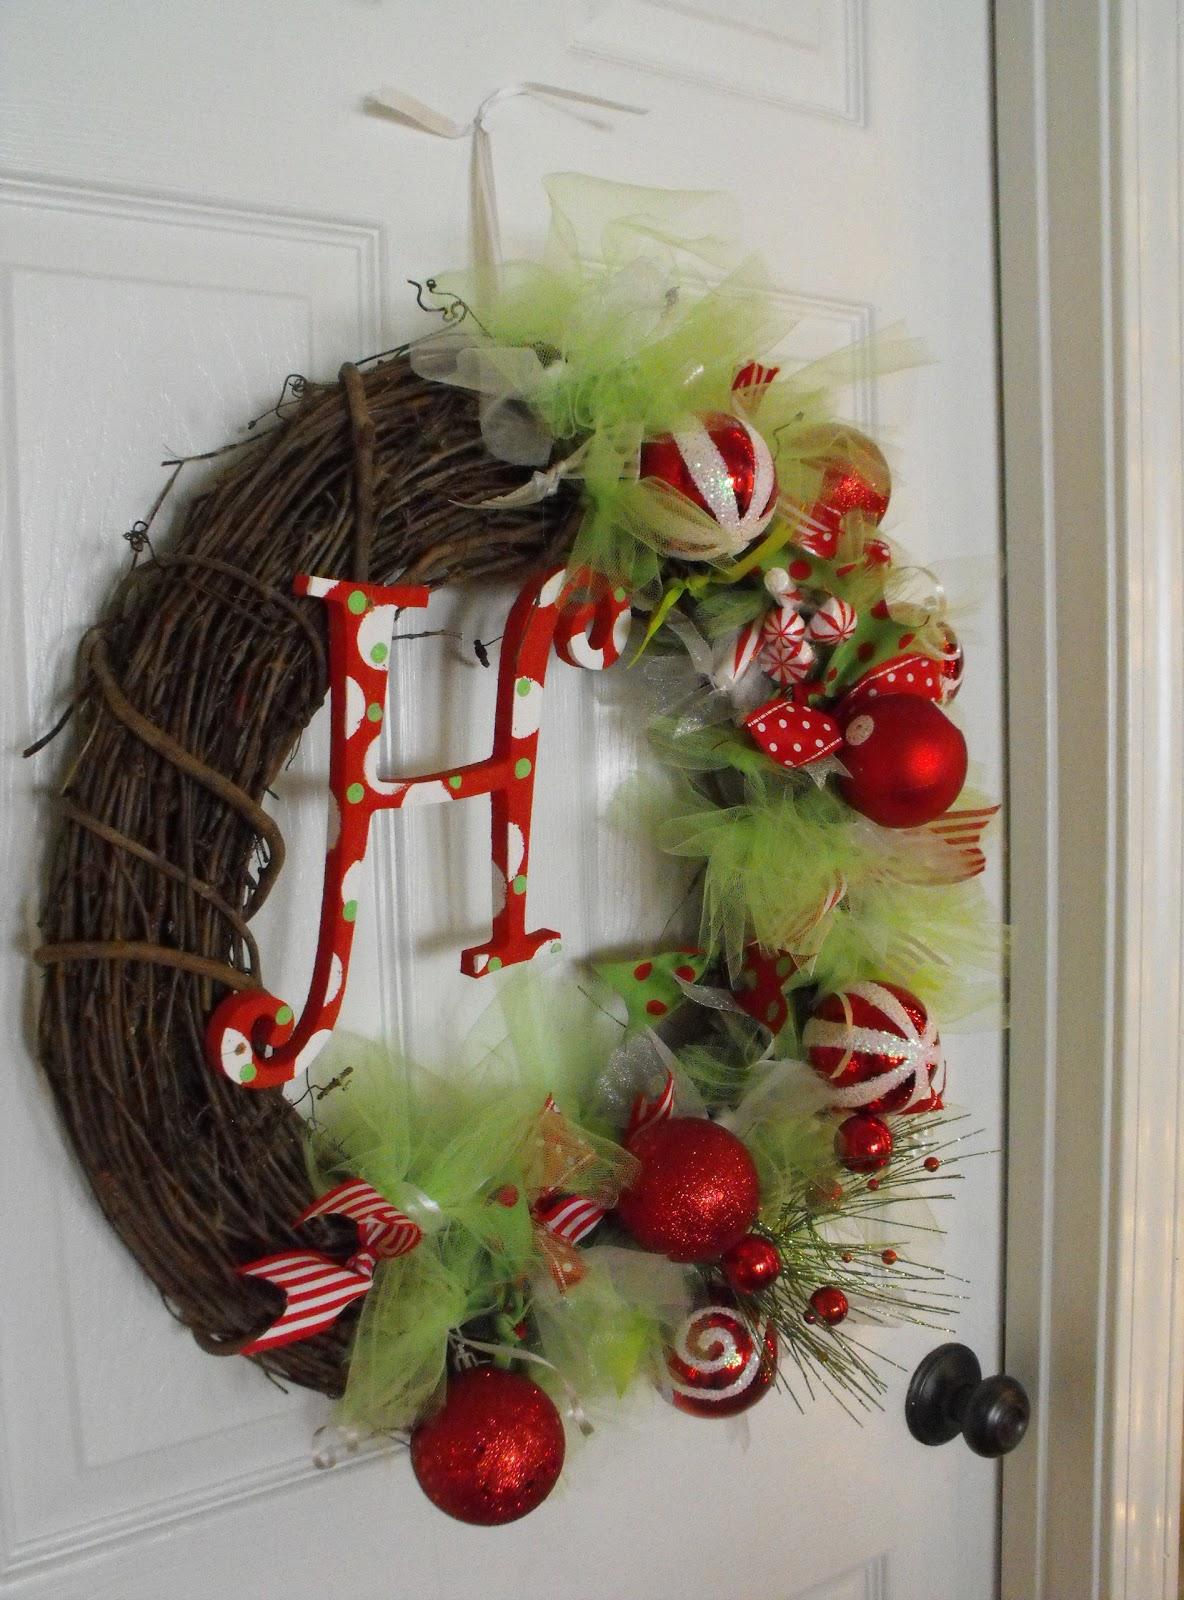 DIY Christmas Wreath Idea